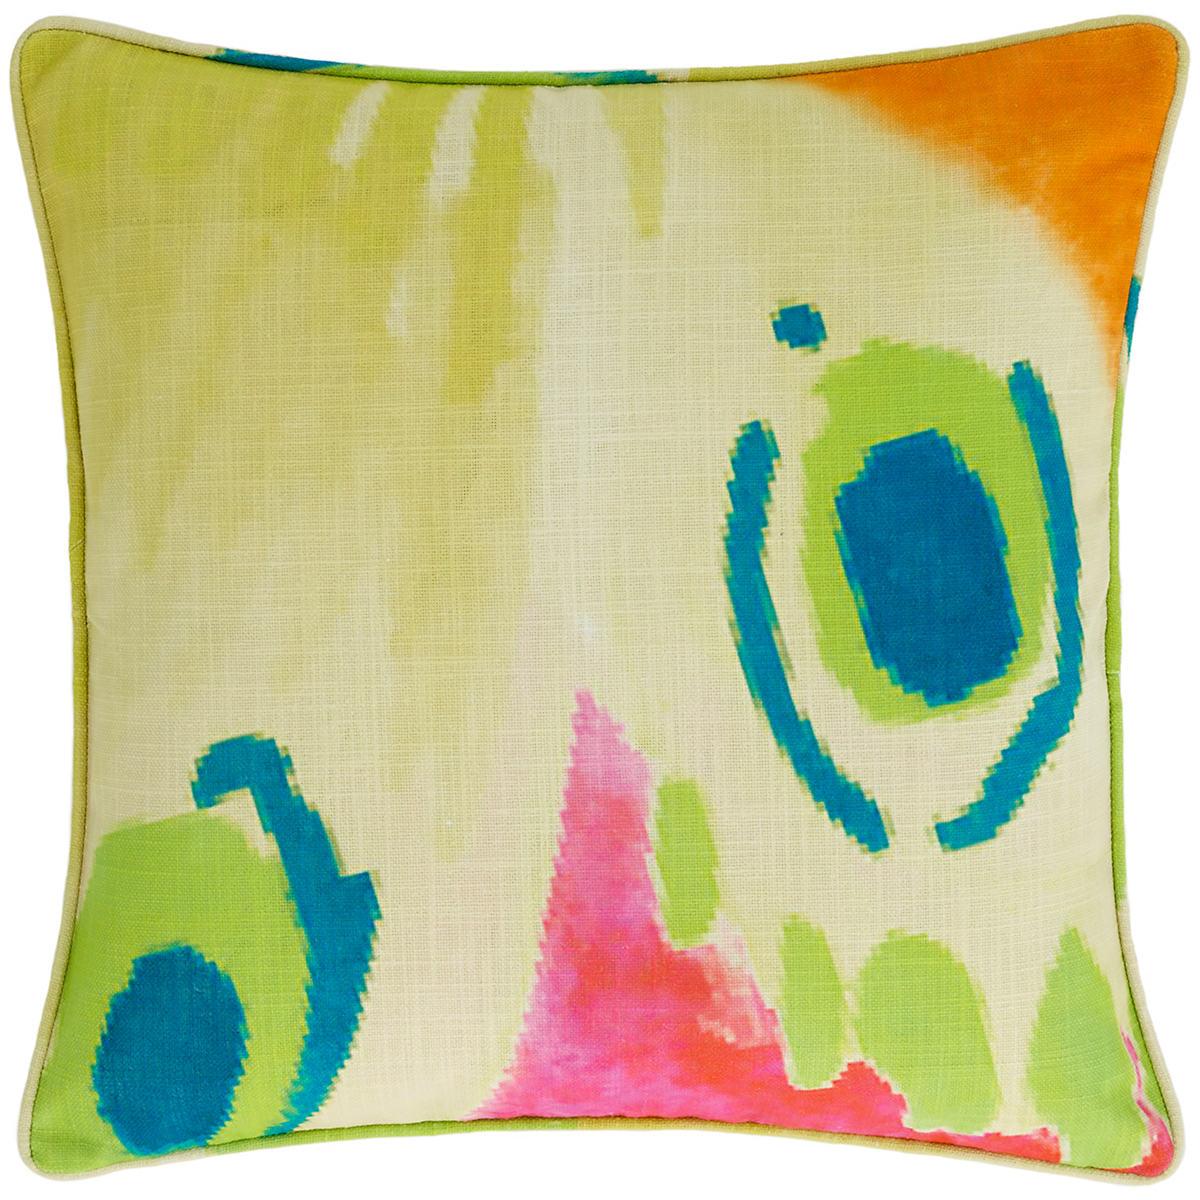 Nectar Indoor/Outdoor Decorative Pillow